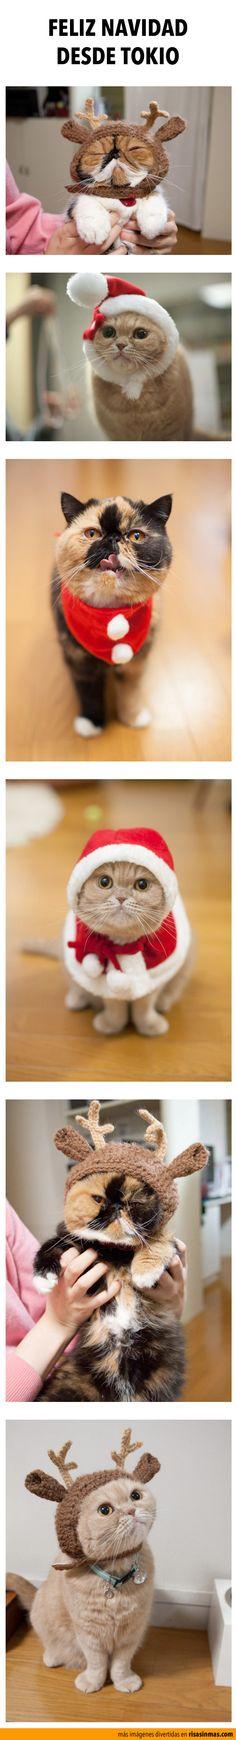 Feliz Navidad desde Tokio.